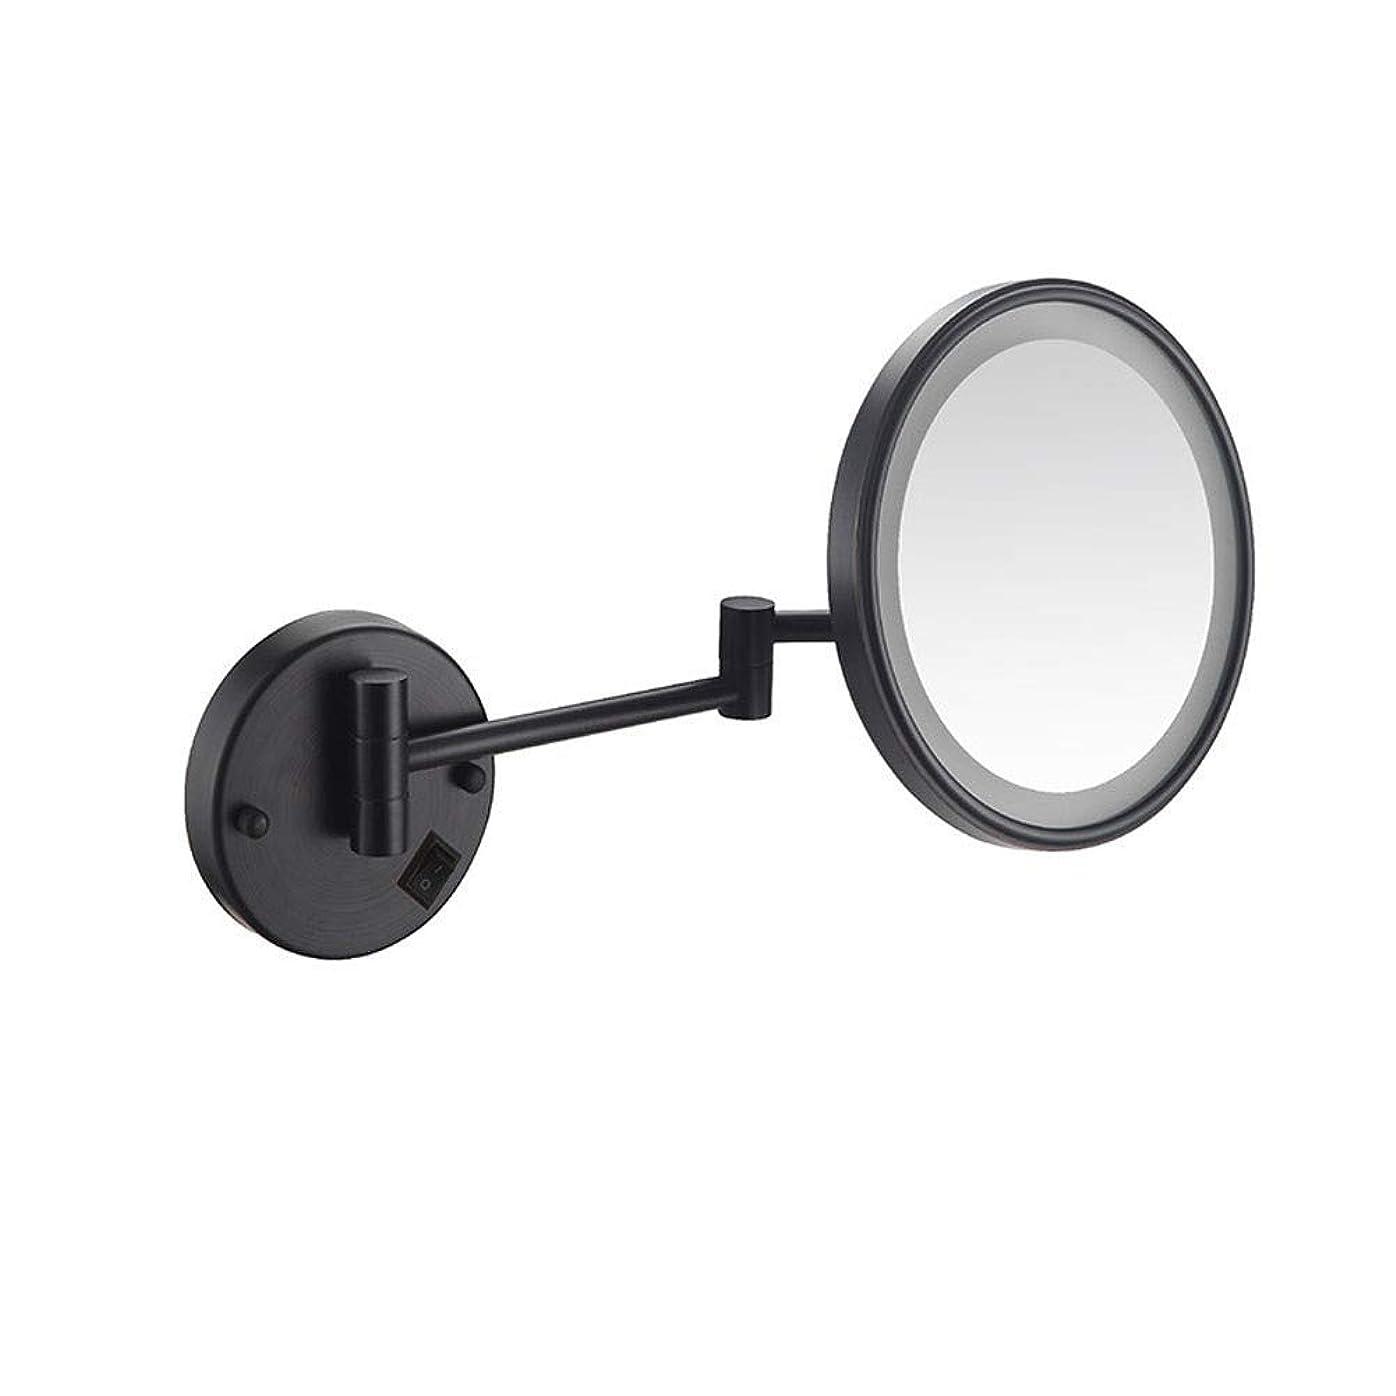 宇宙飛行士鰐資本主義化粧鏡拡大鏡LED照明付き化粧鏡3倍拡大USB充電式格納式クローム仕上げシェービングミラーブラック